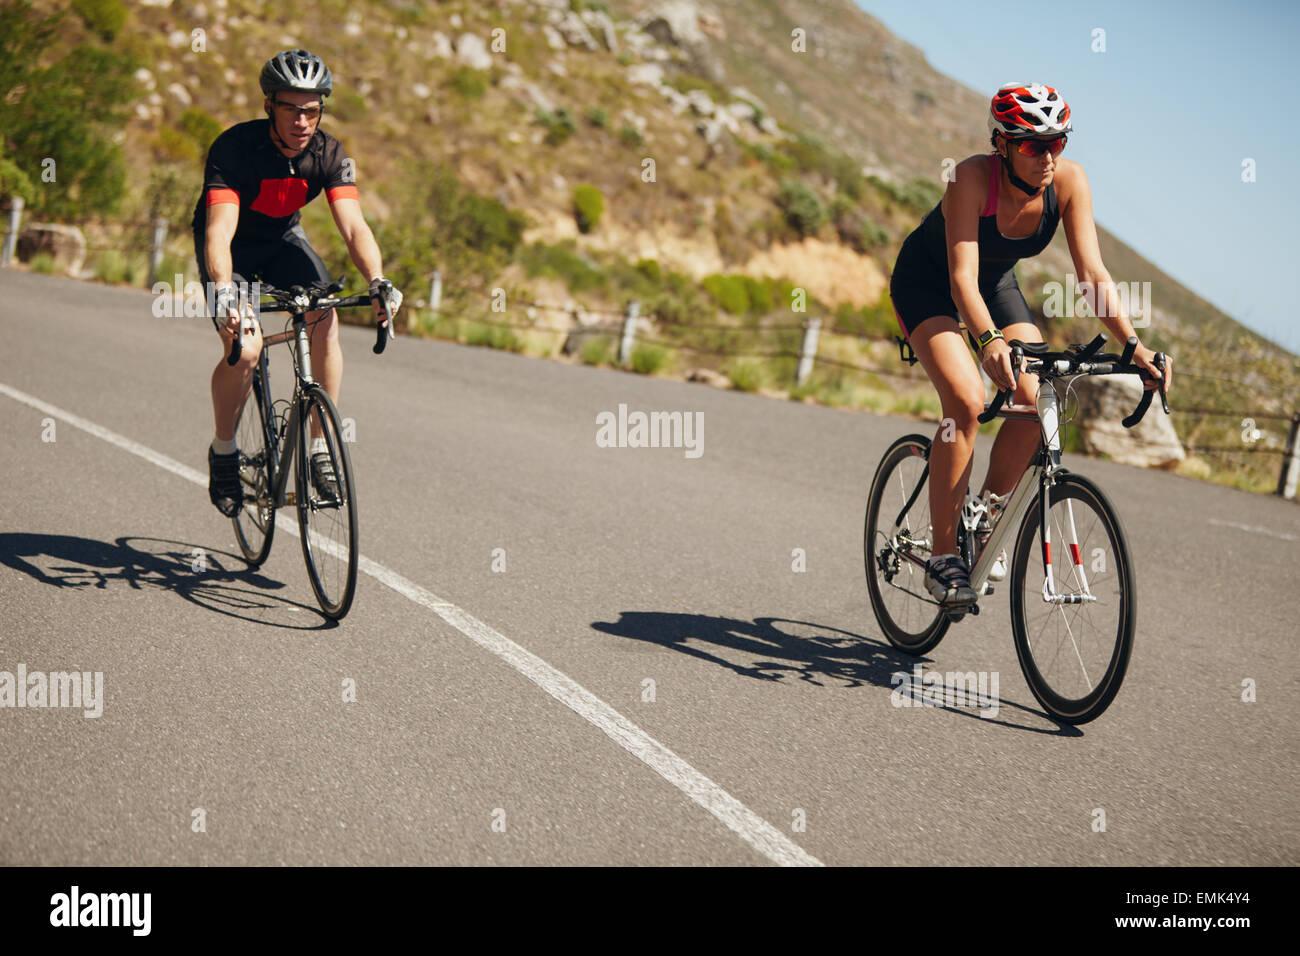 Mujer que compite en el tramo de ciclismo de un triatlón con machos de competidor. Triatletas montando bicicleta Imagen De Stock